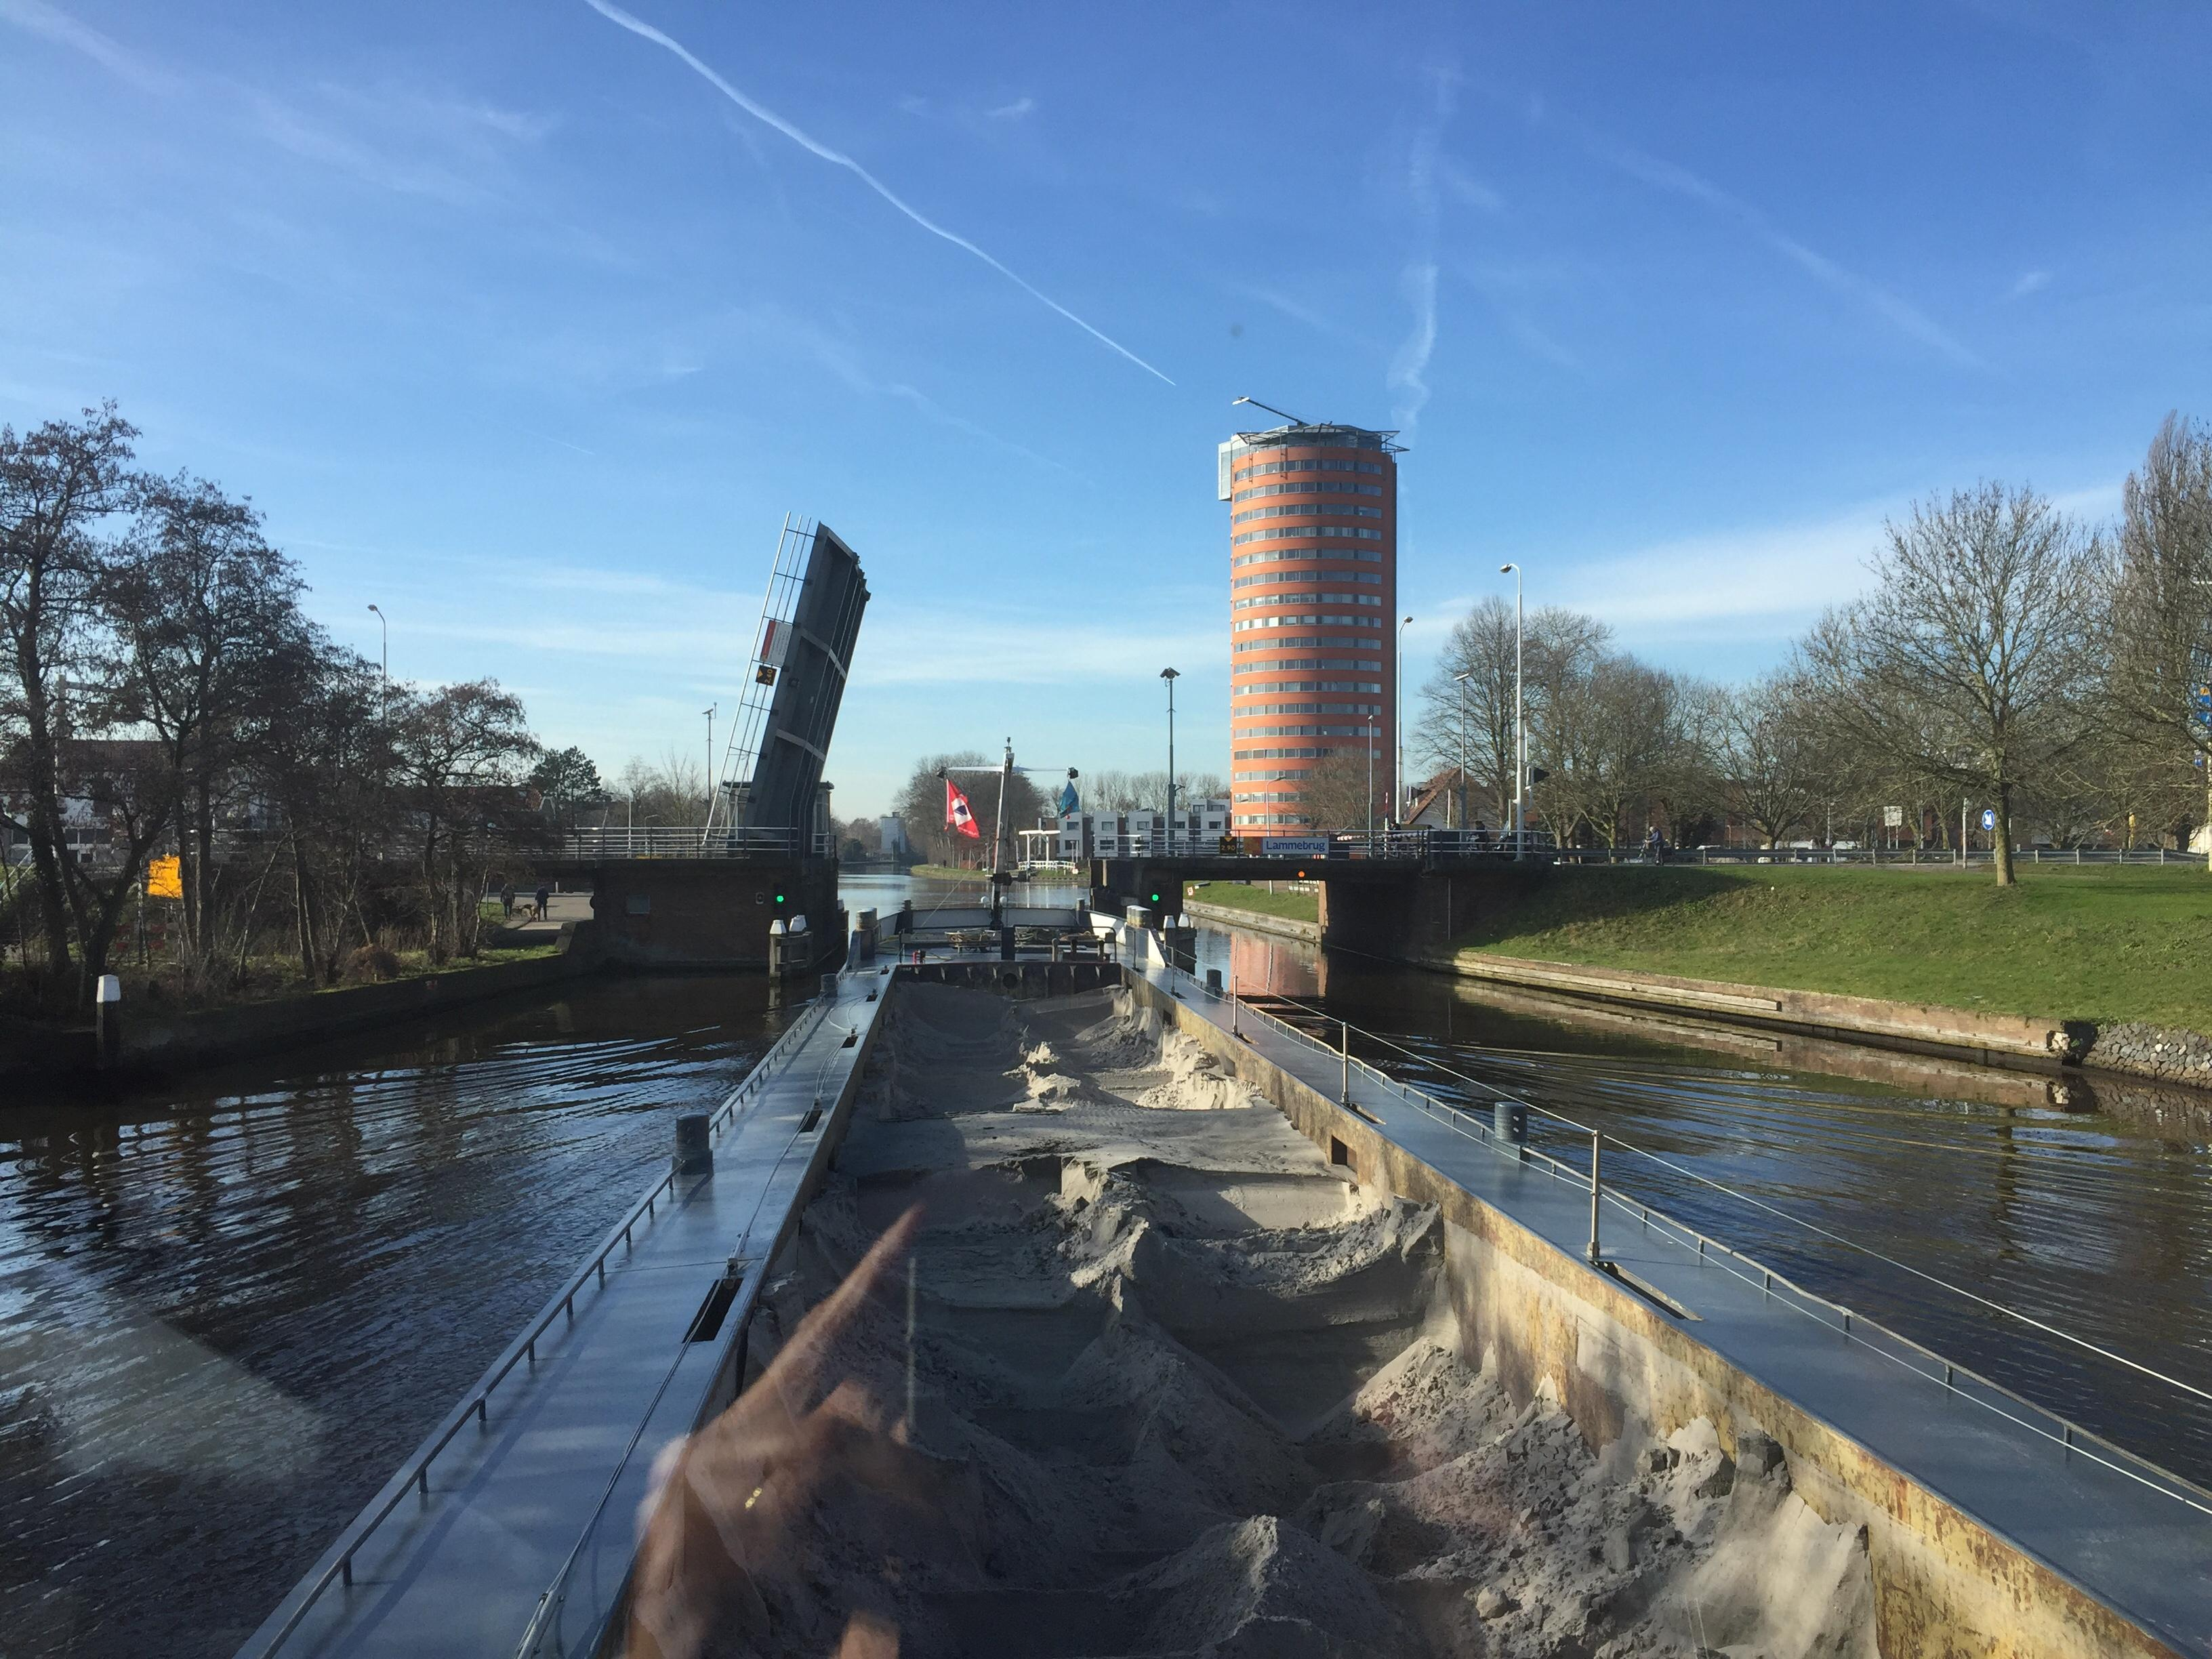 Zandschepen varen te vaak in de spitsuren langs Leidse bruggen